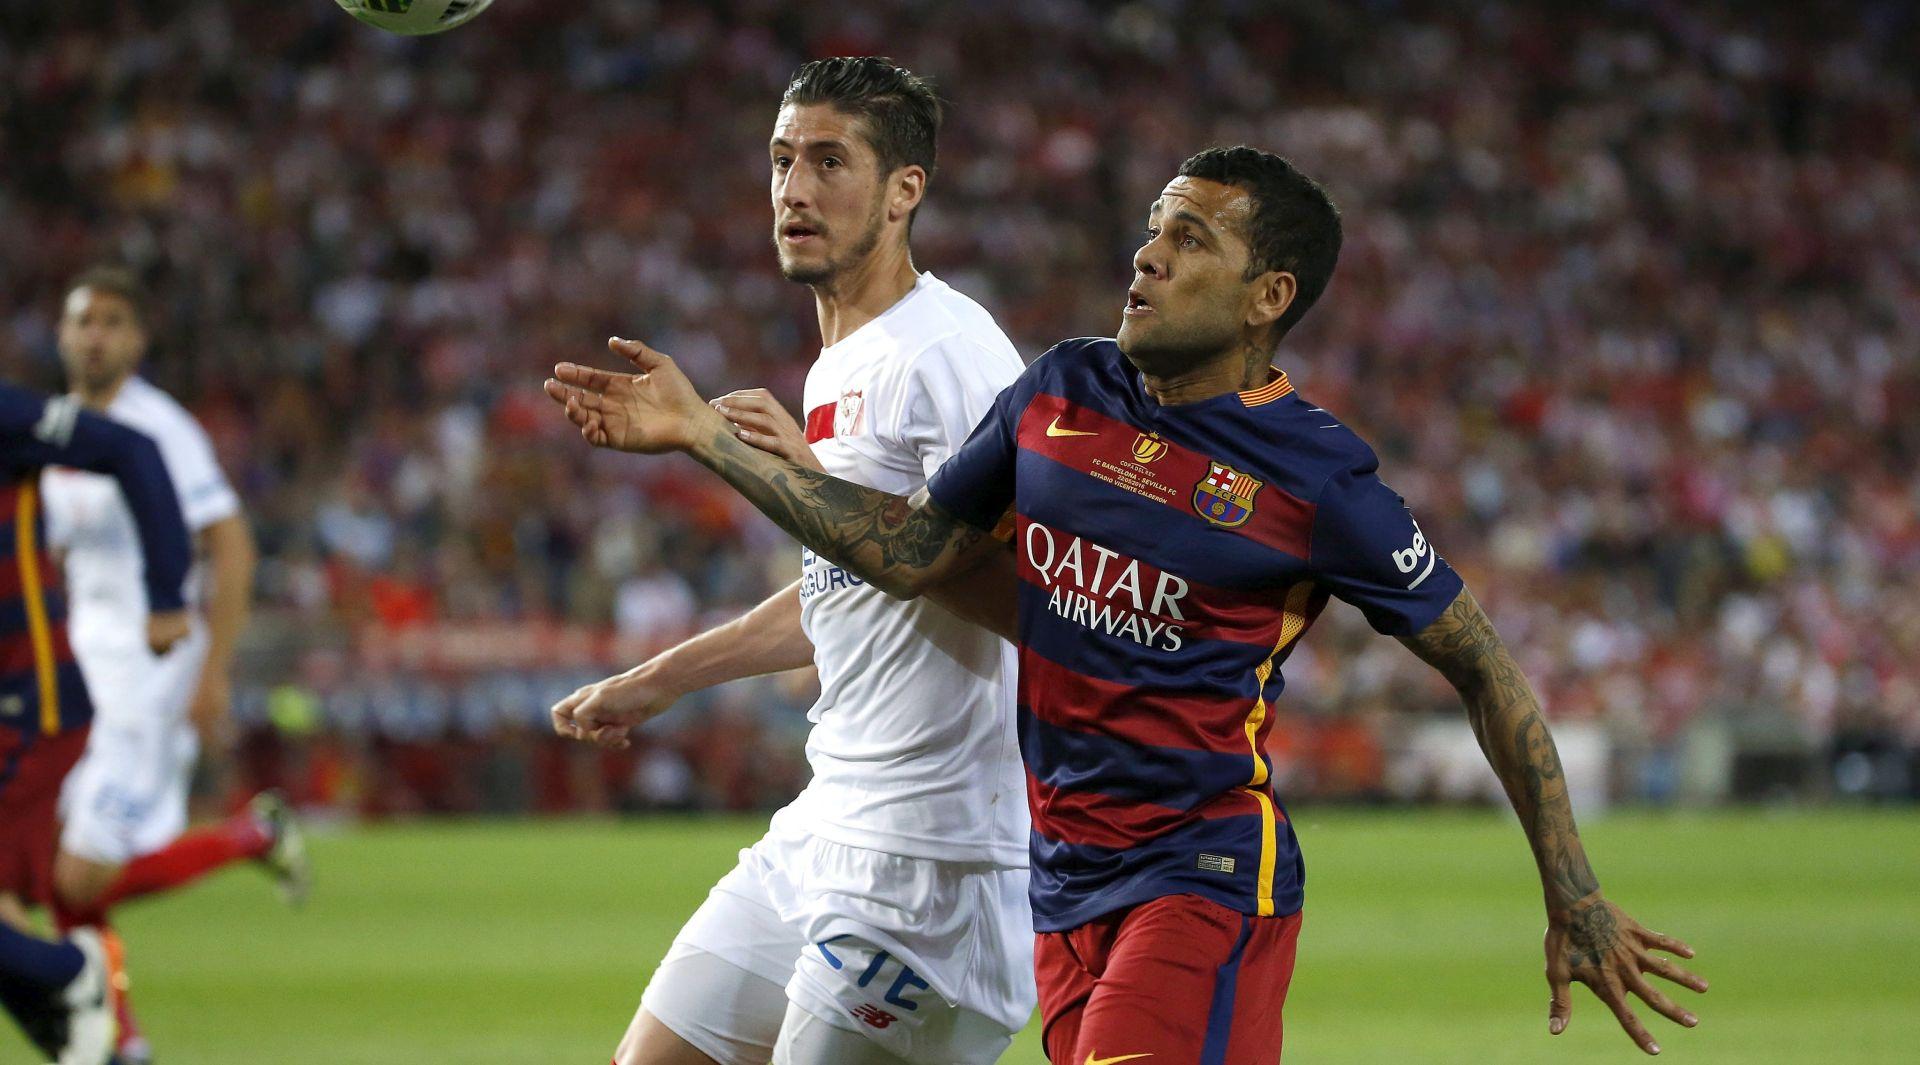 NAKON OSAM GODINA Dani Alves odlazi iz Barcelone